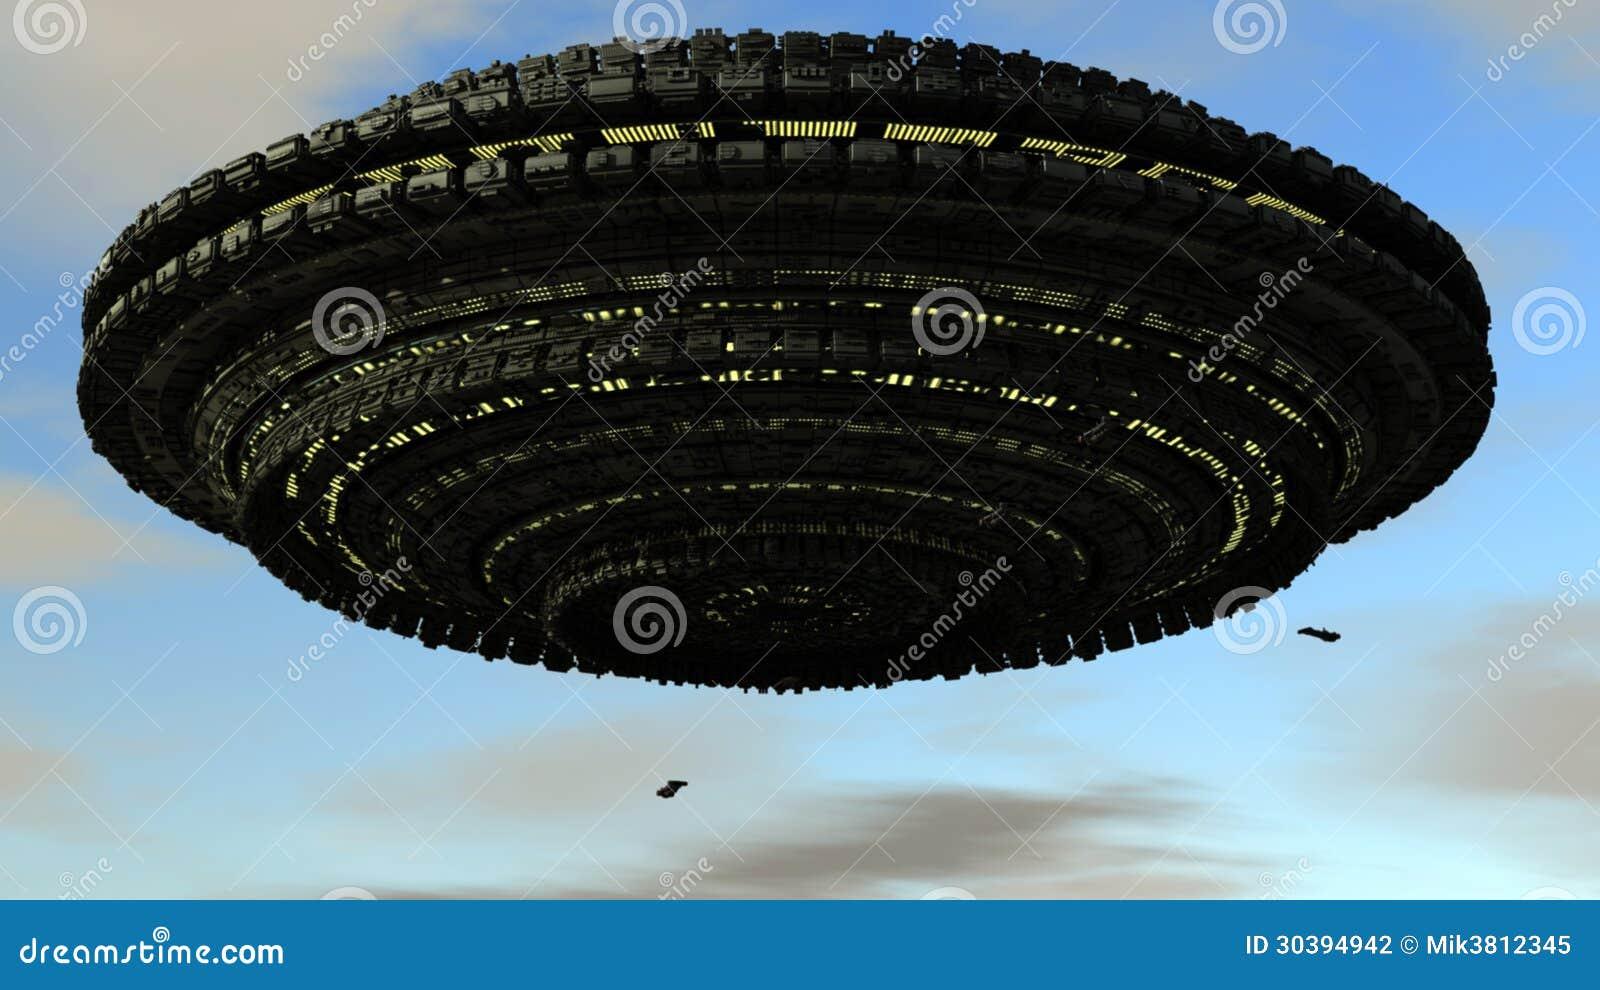 3d伟大的科学幻想小说飞碟和天照明.